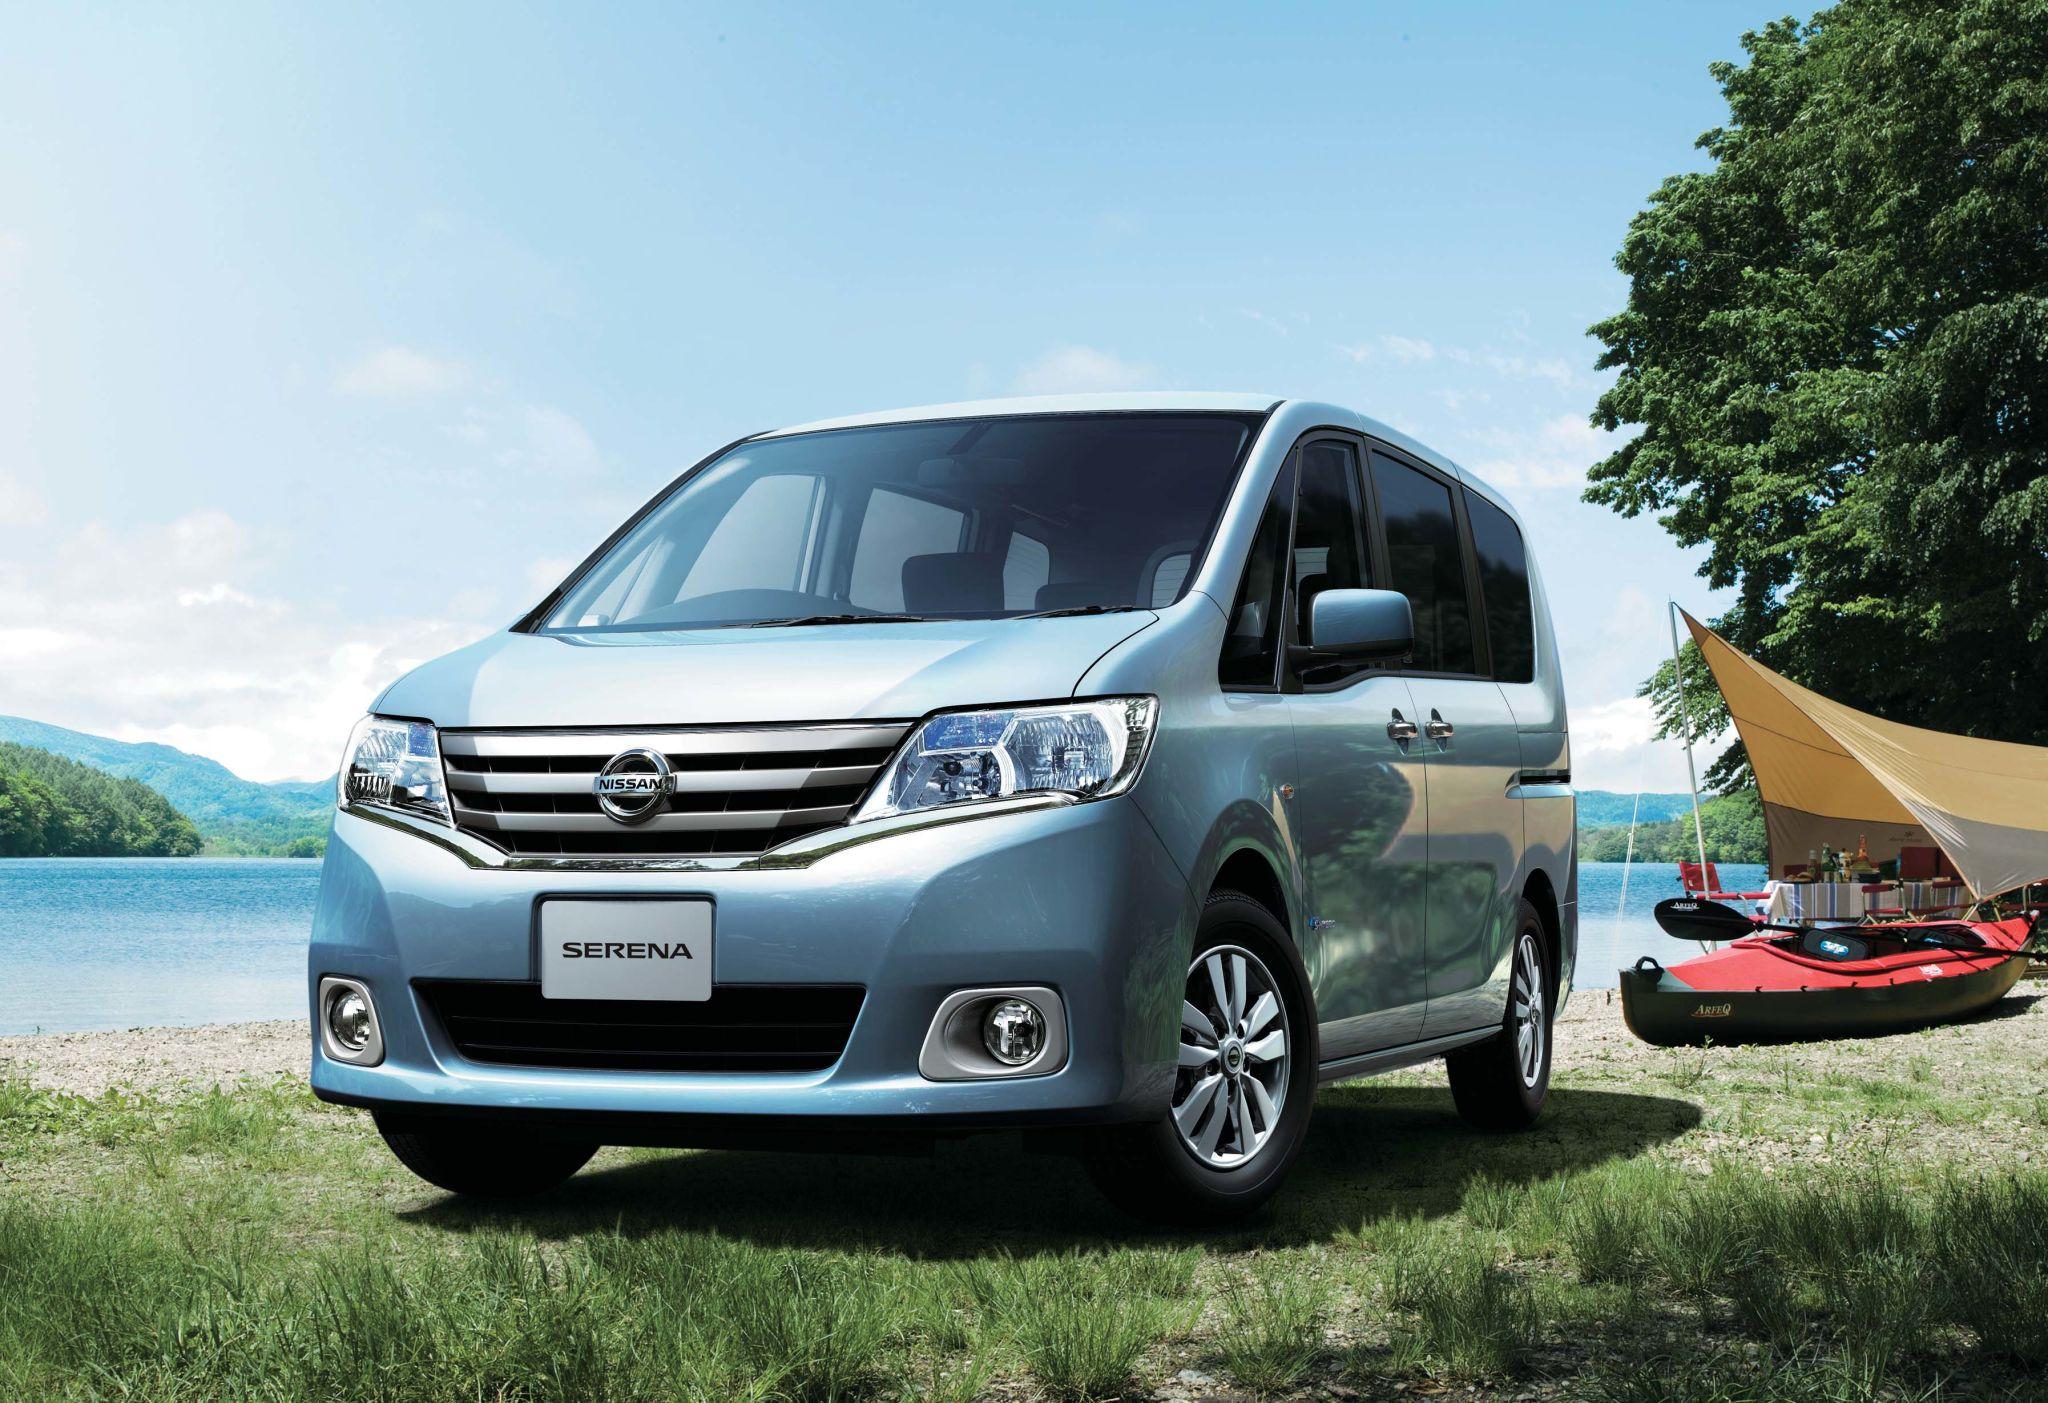 【夏季優惠】沖繩OTS租車6人座WB休旅車(有機場接送)-KKday.com